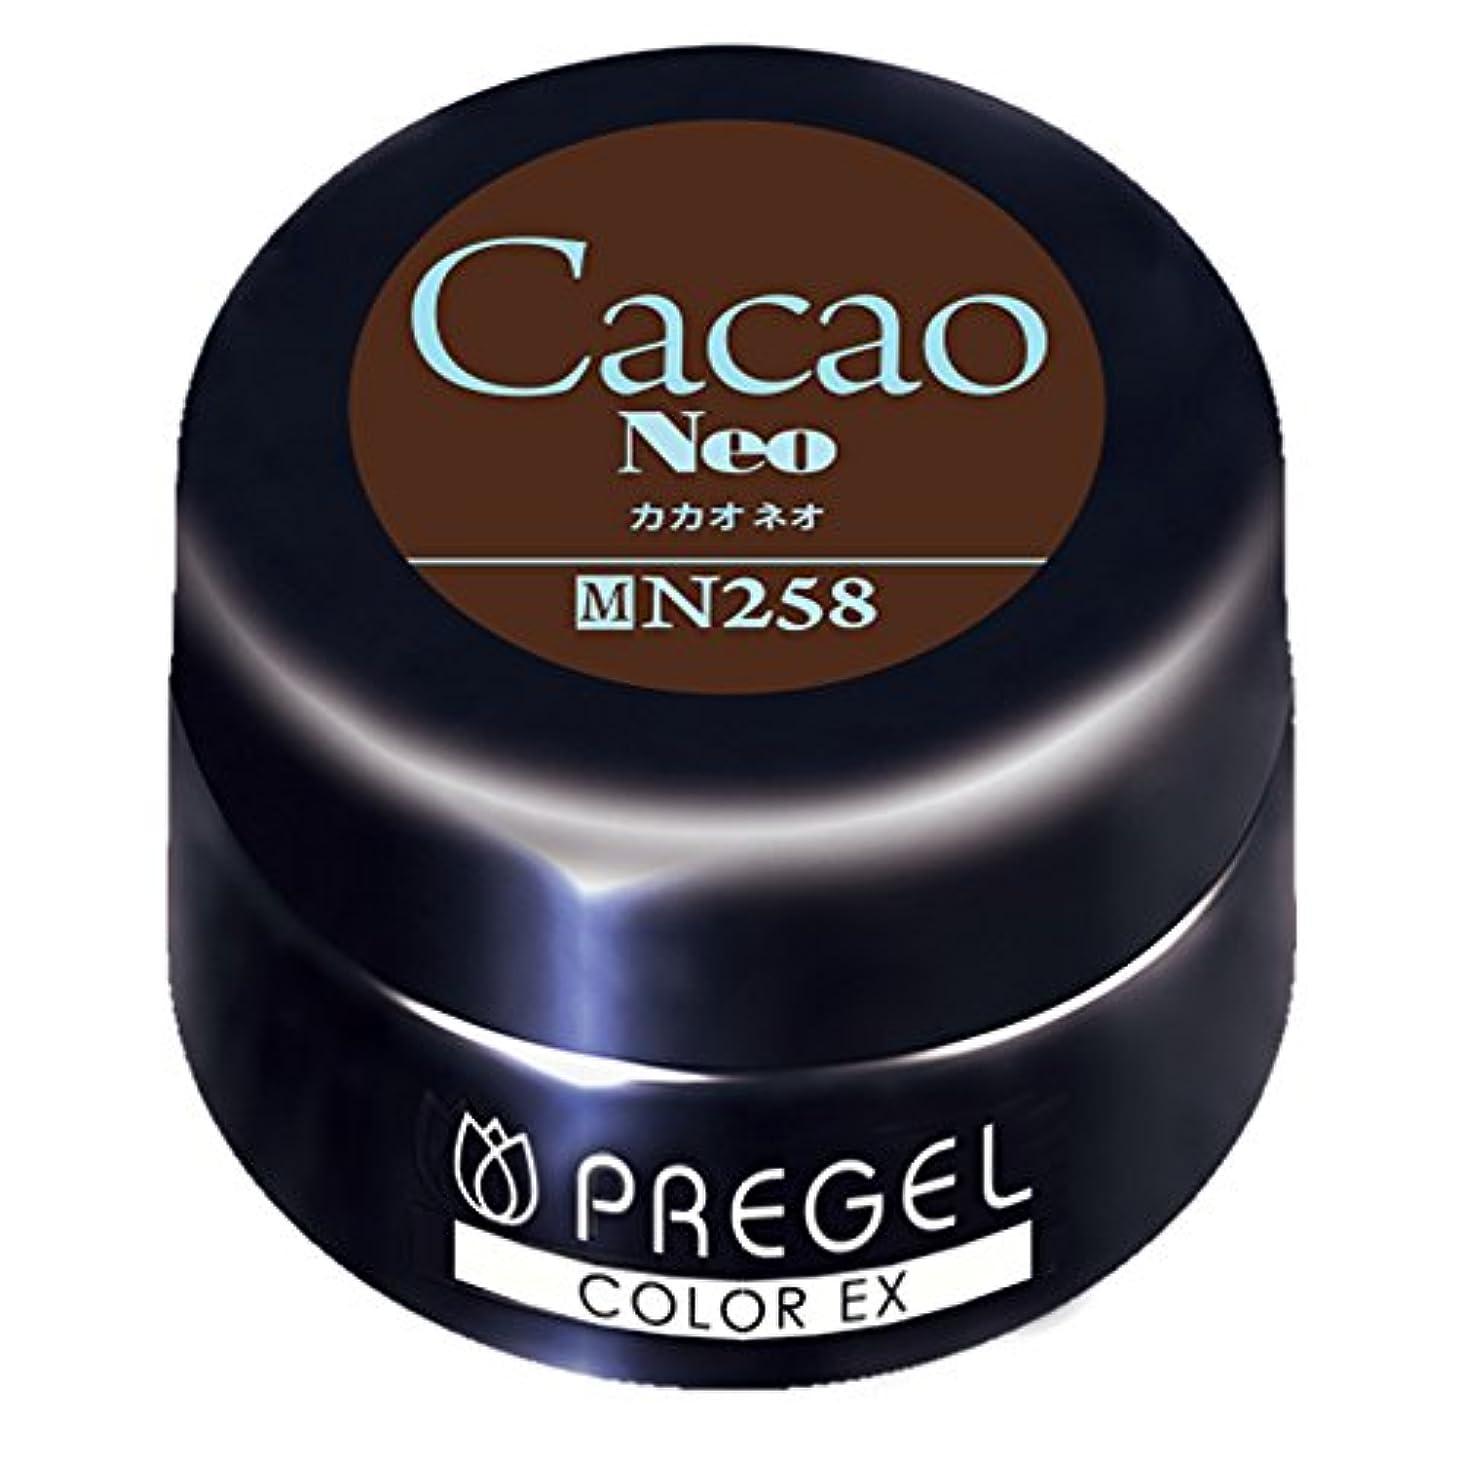 伝えるジャニス罹患率PRE GEL カラーEX カカオneo 258 4g UV/LED対応